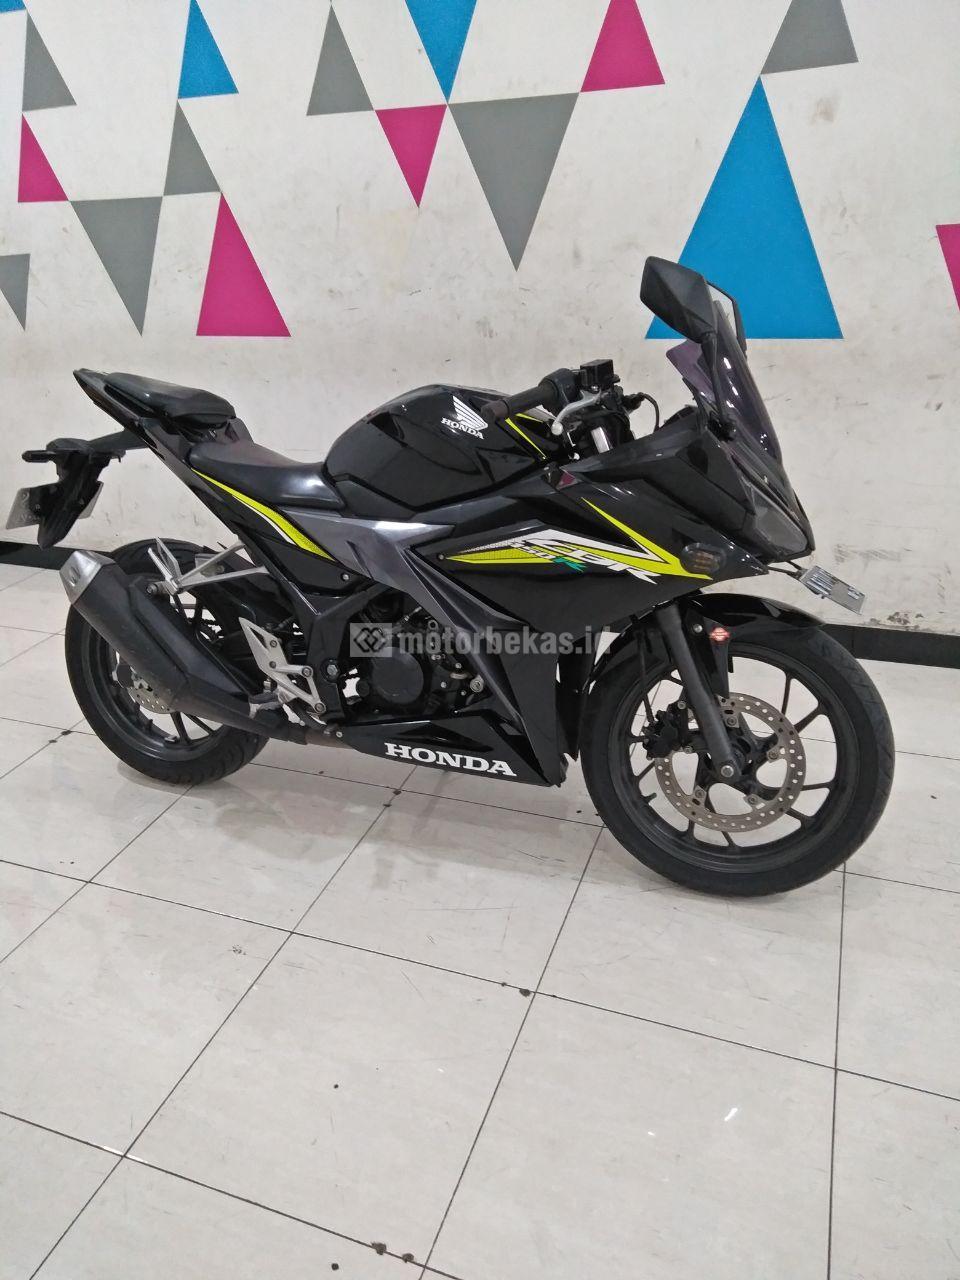 HONDA CBR 150R  3853 motorbekas.id